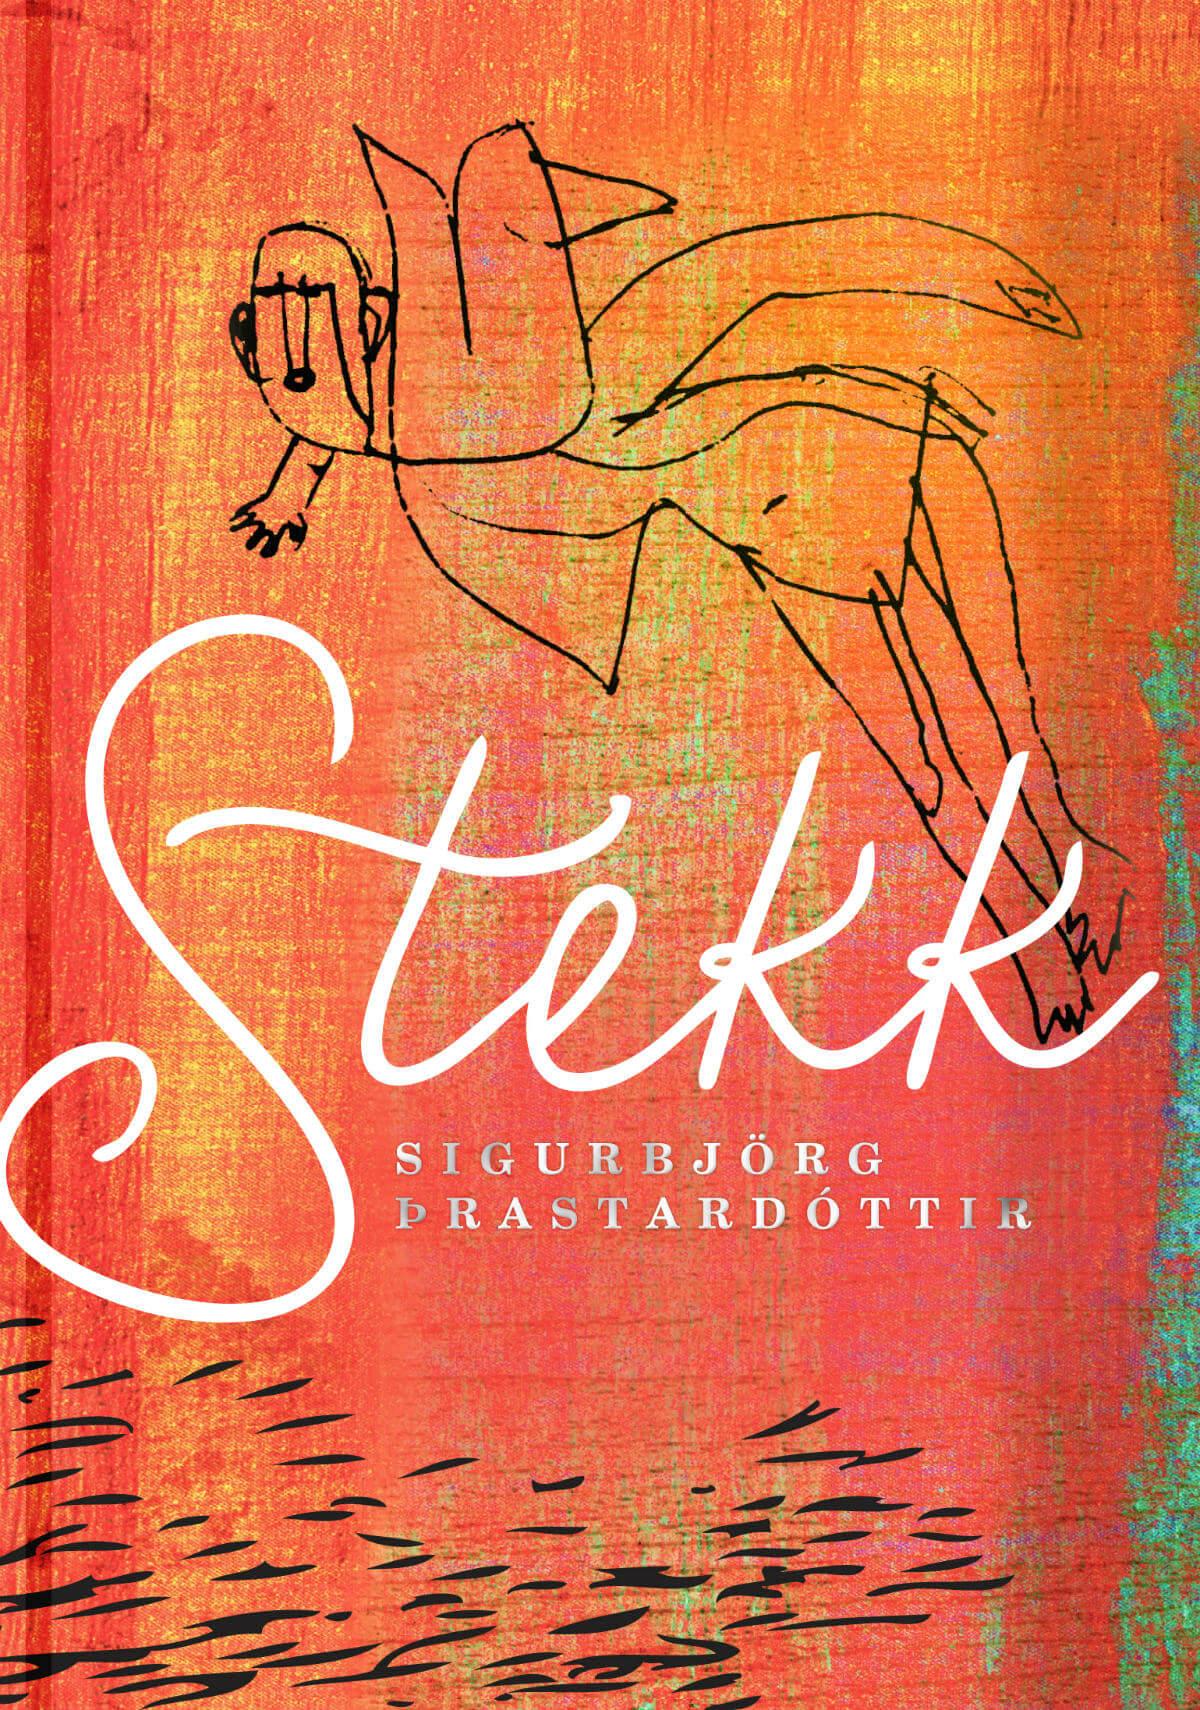 Stekk